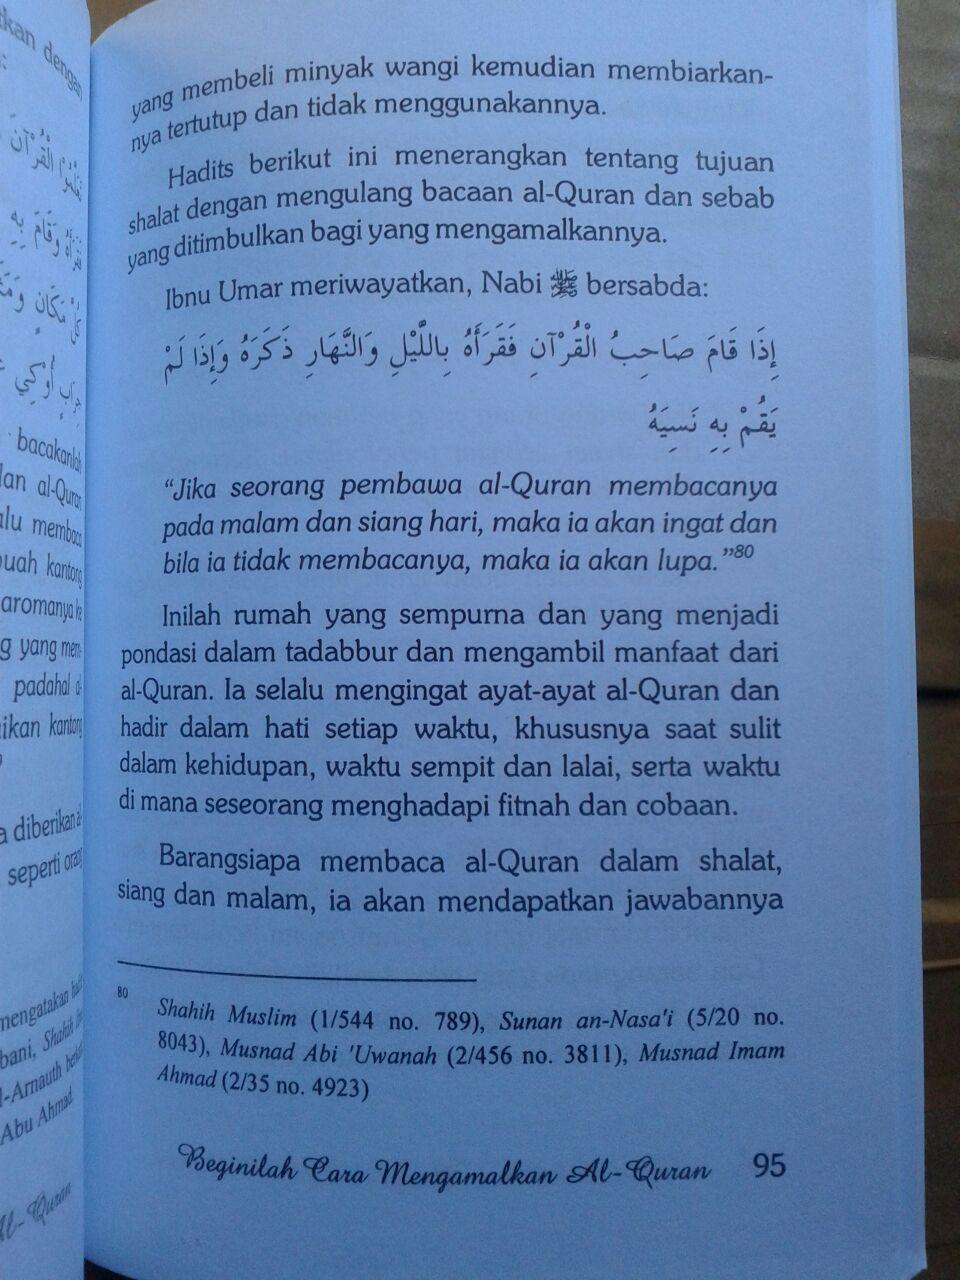 Buku Beginilah Cara Mengamalkan al-Quran isi